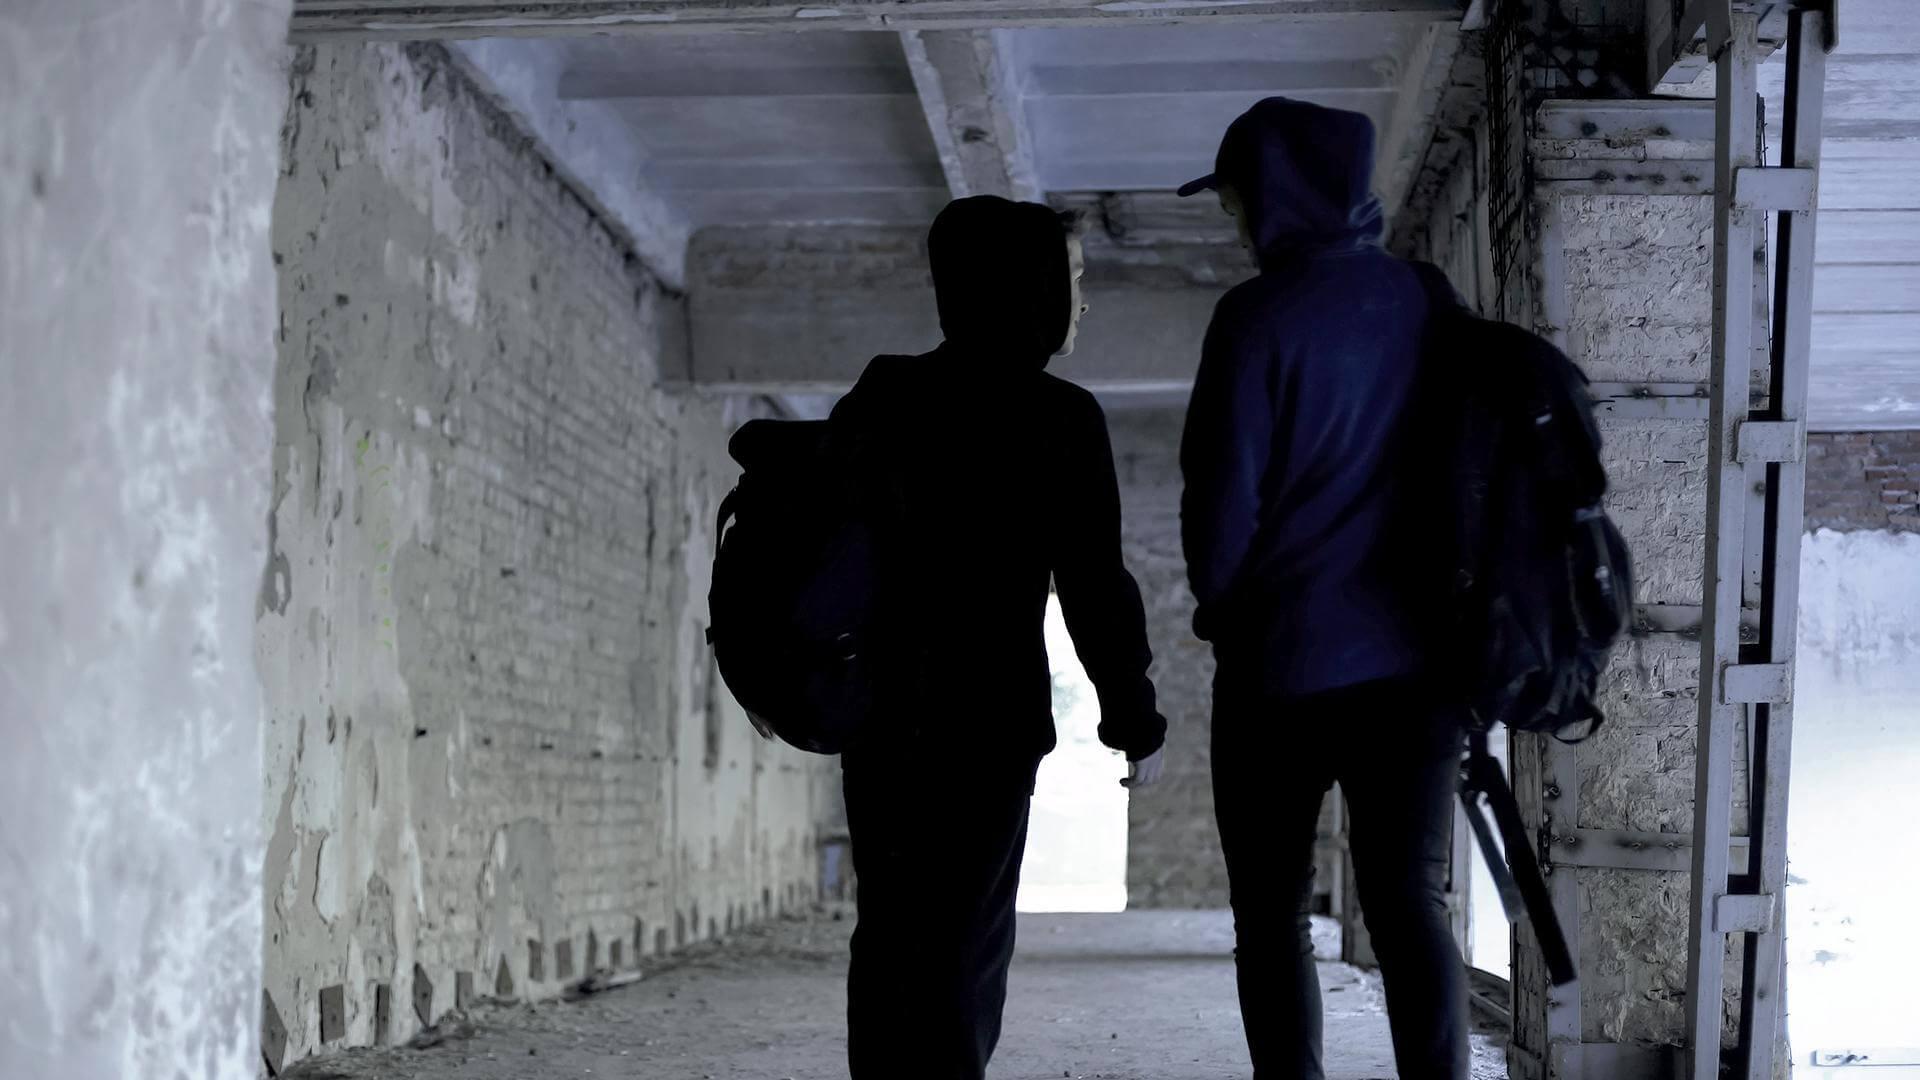 Мелкая уголовщина: дети и подростки совершают всё больше тяжких преступлений